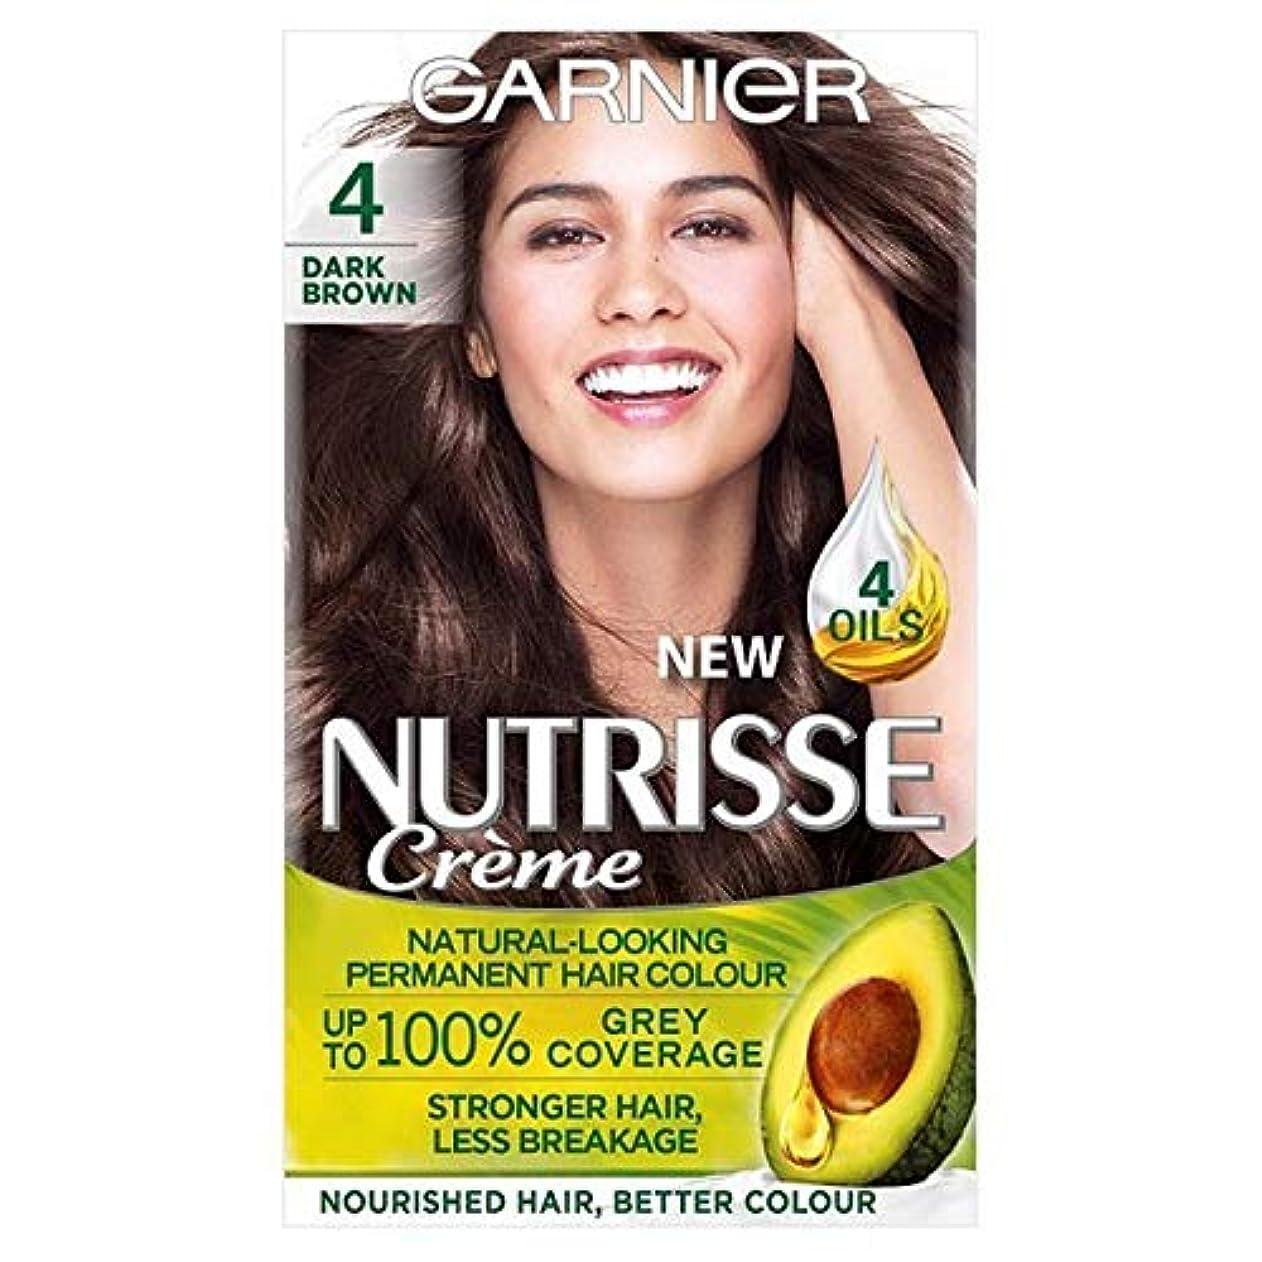 提案取るに足らない奴隷[Garnier ] ガルニエNutrisse永久染毛剤ダークブラウン4 - Garnier Nutrisse Permanent Hair Dye Dark Brown 4 [並行輸入品]